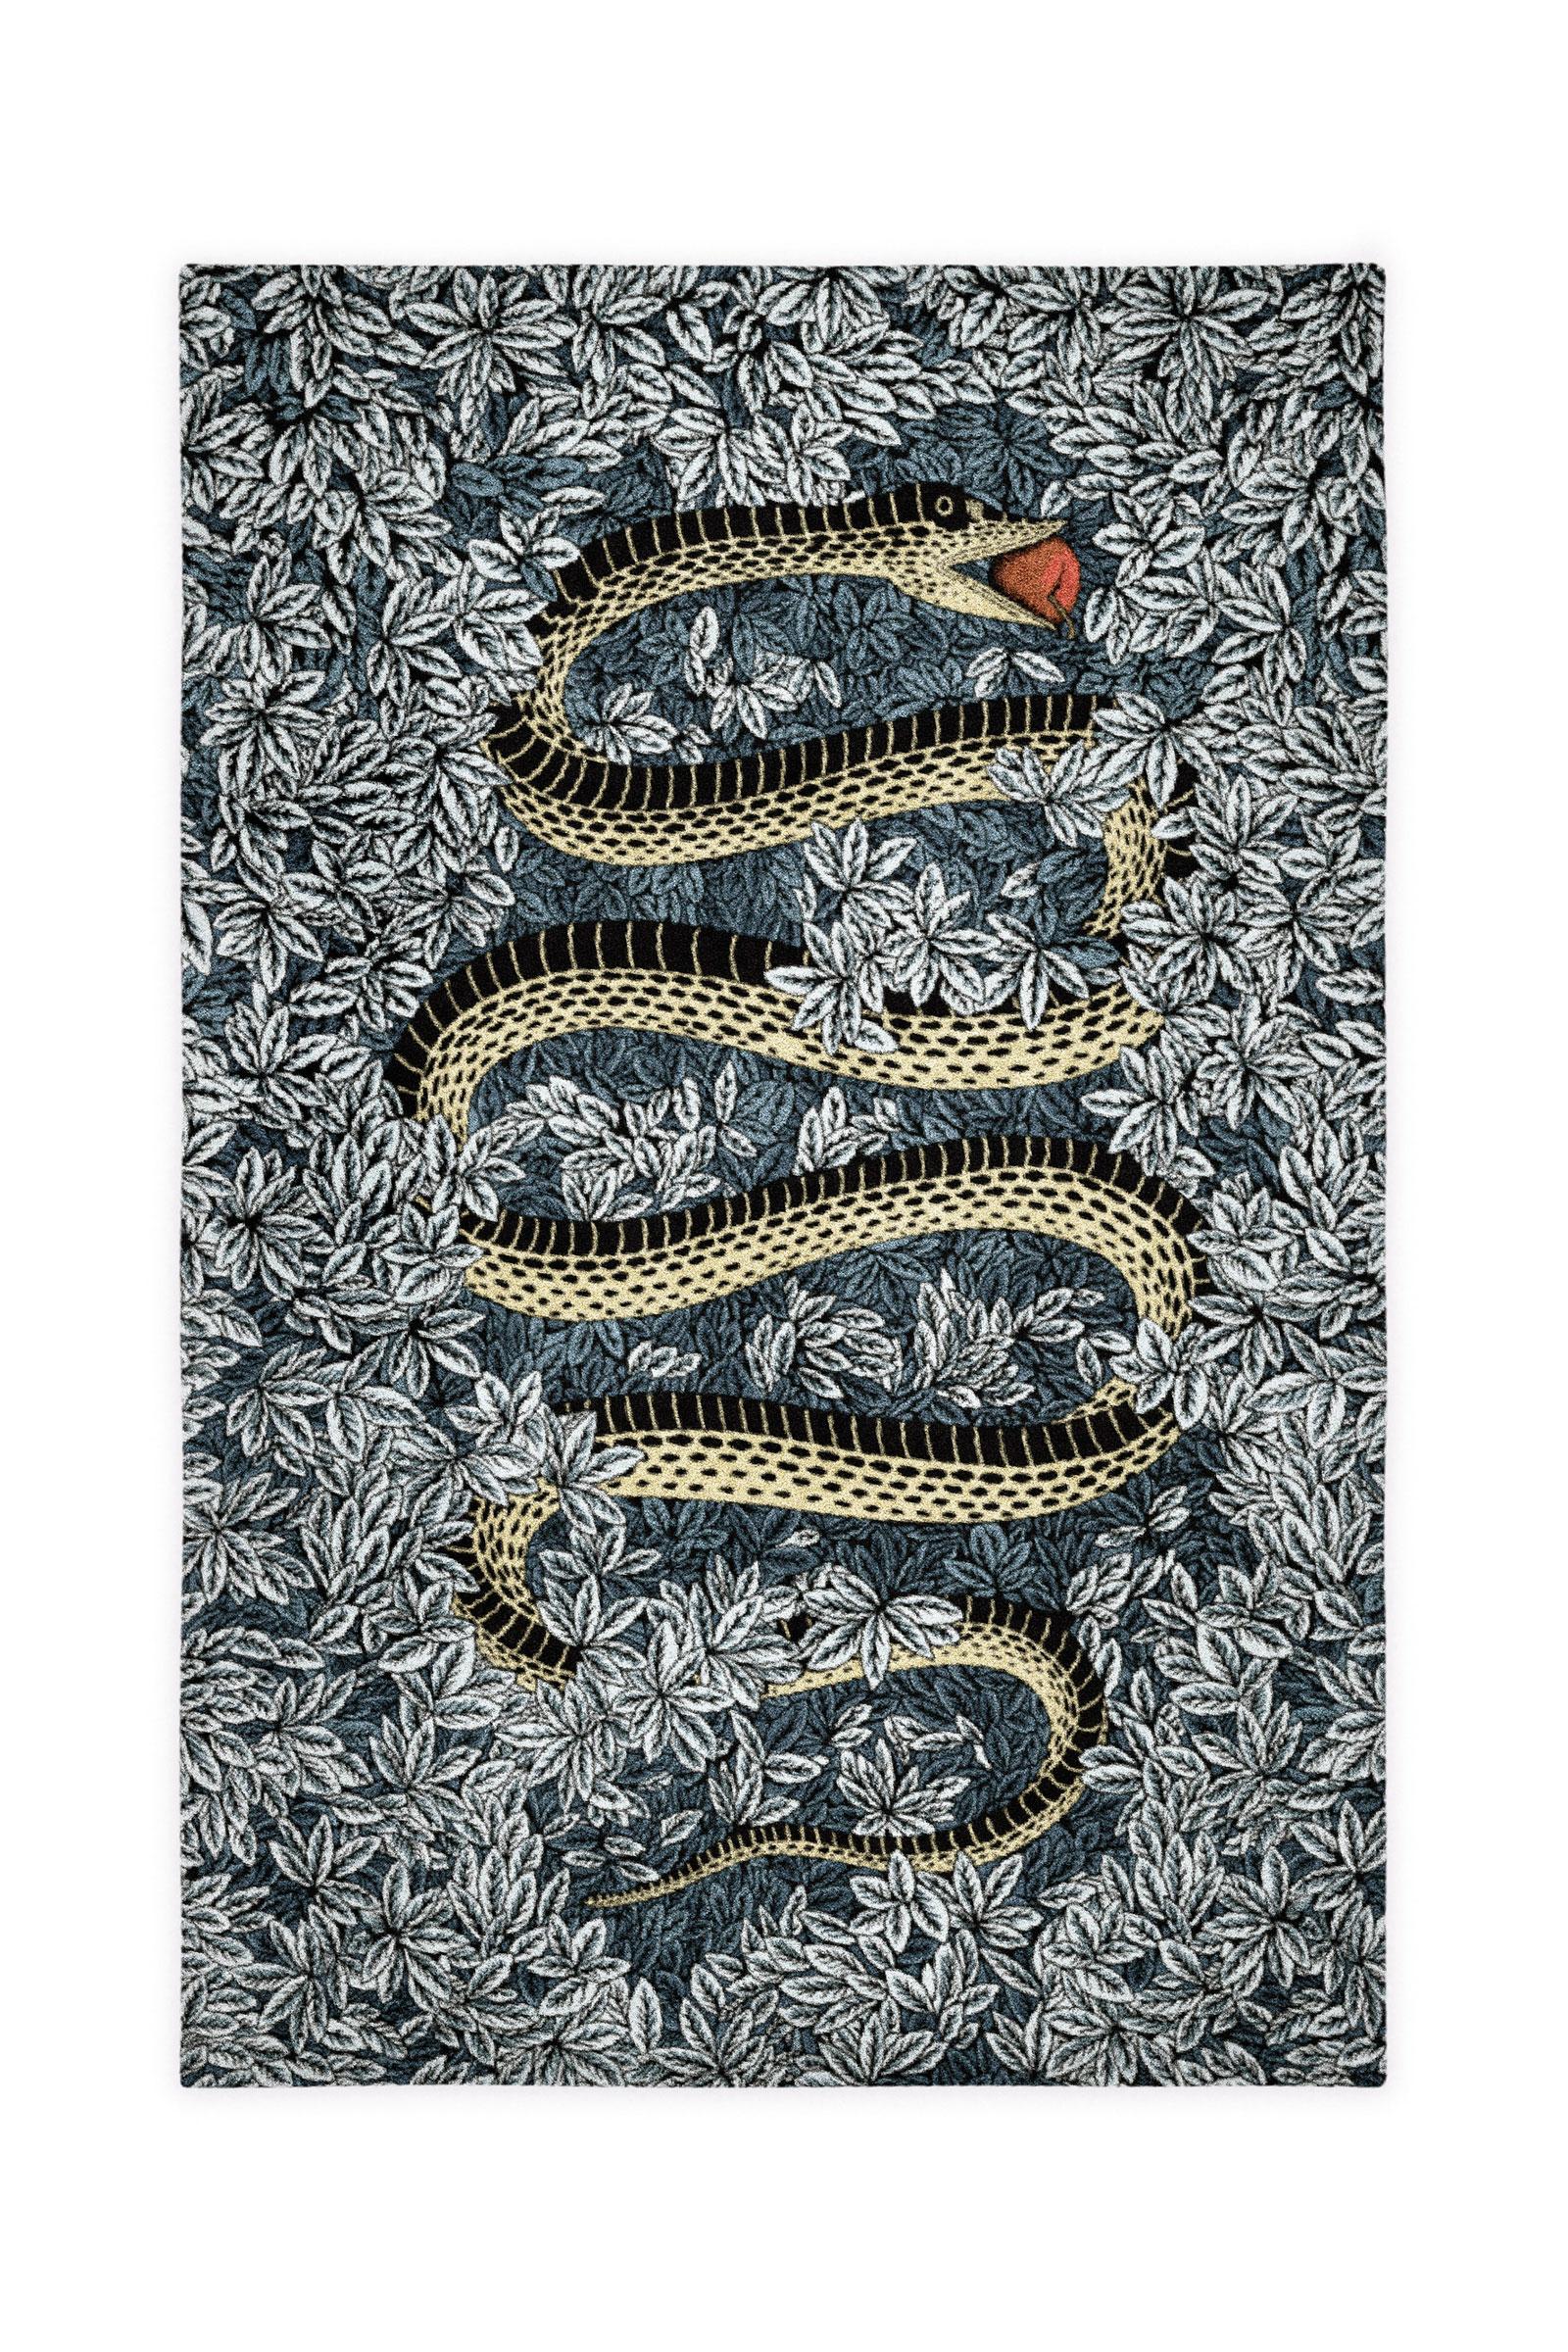 Fornasetti's Peccato Originale rug. Image courtesy of Fornasetti